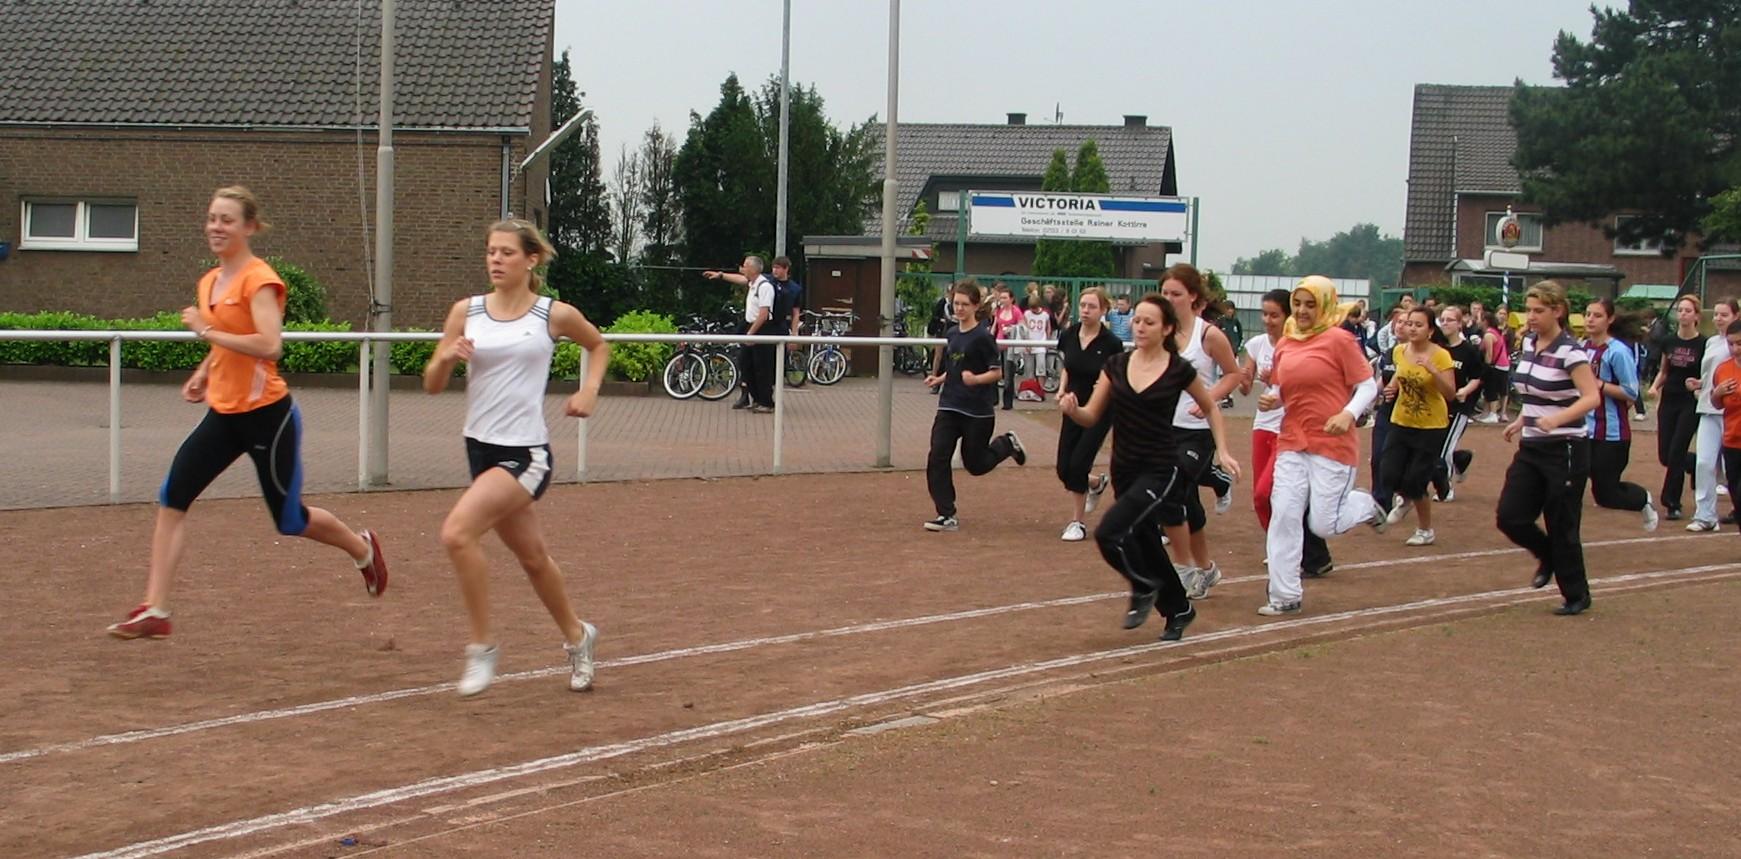 sportfest_08_mittelstrecke_06.jpg - 375,85 kB